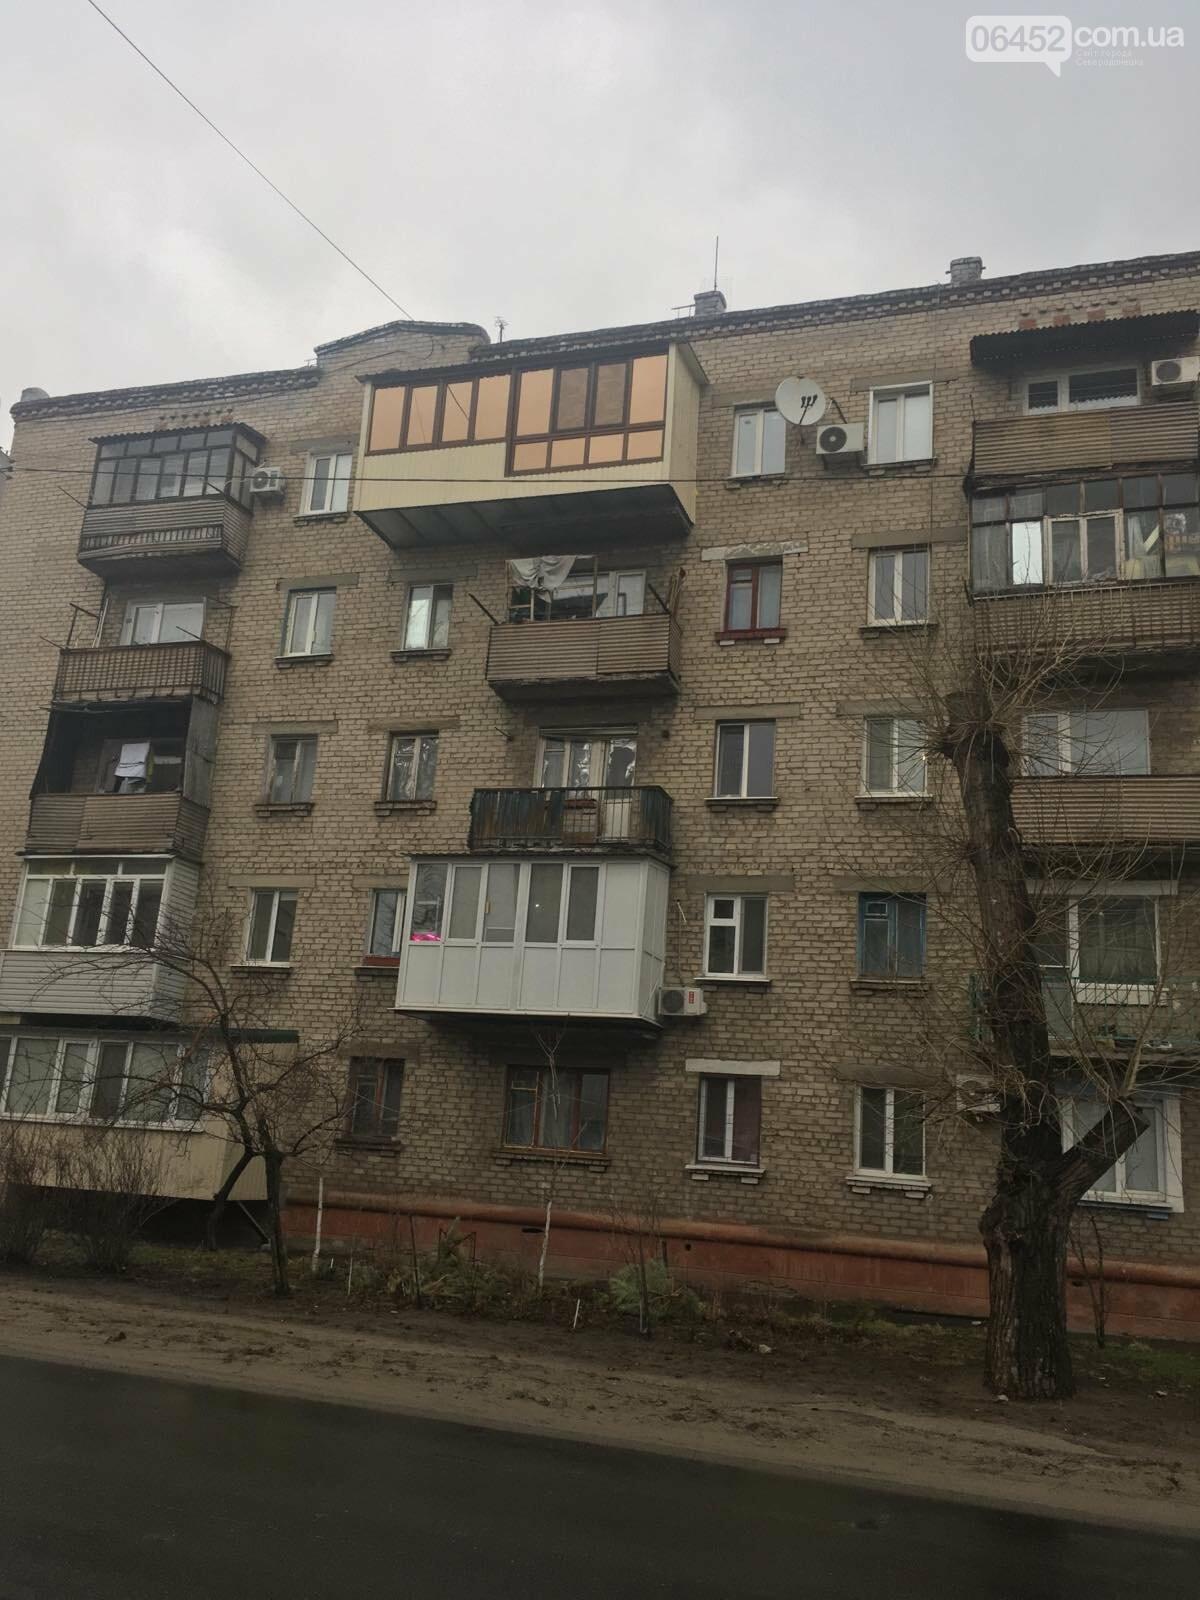 """Взгляды вверх: самые """"масштабные"""" балконы Северодонецка, которые могут удивить (фото), фото-1"""